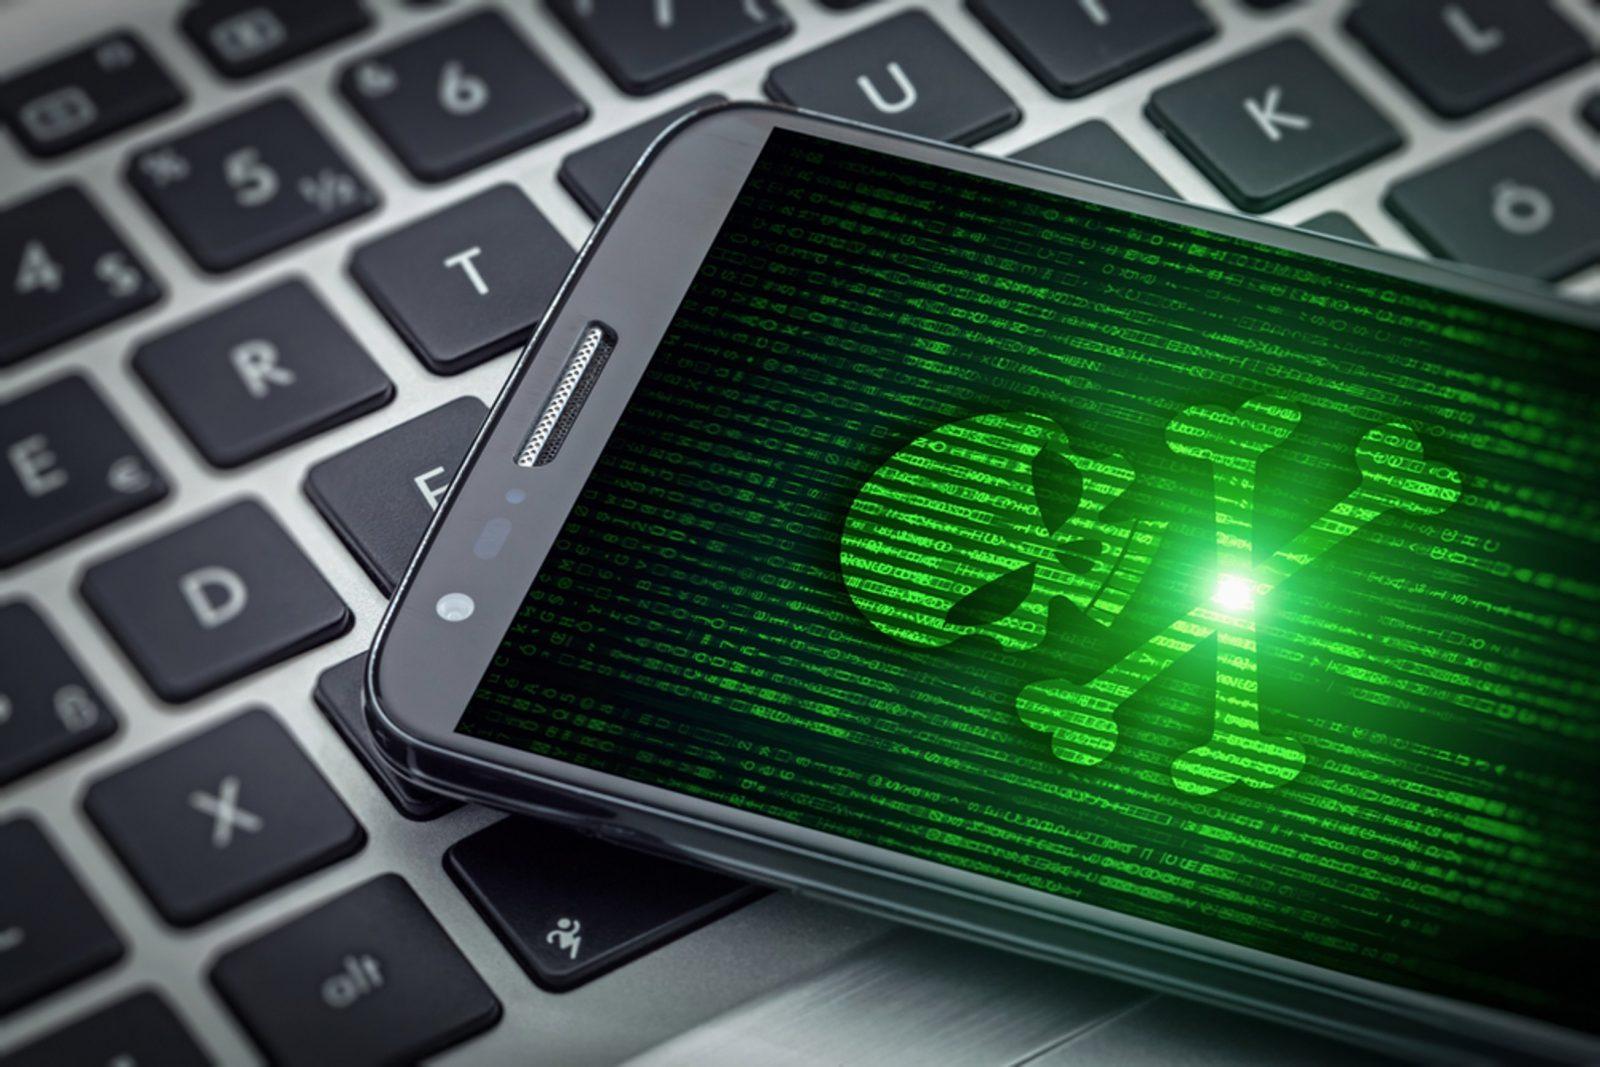 Приложения для защиты информации на смартфоне.